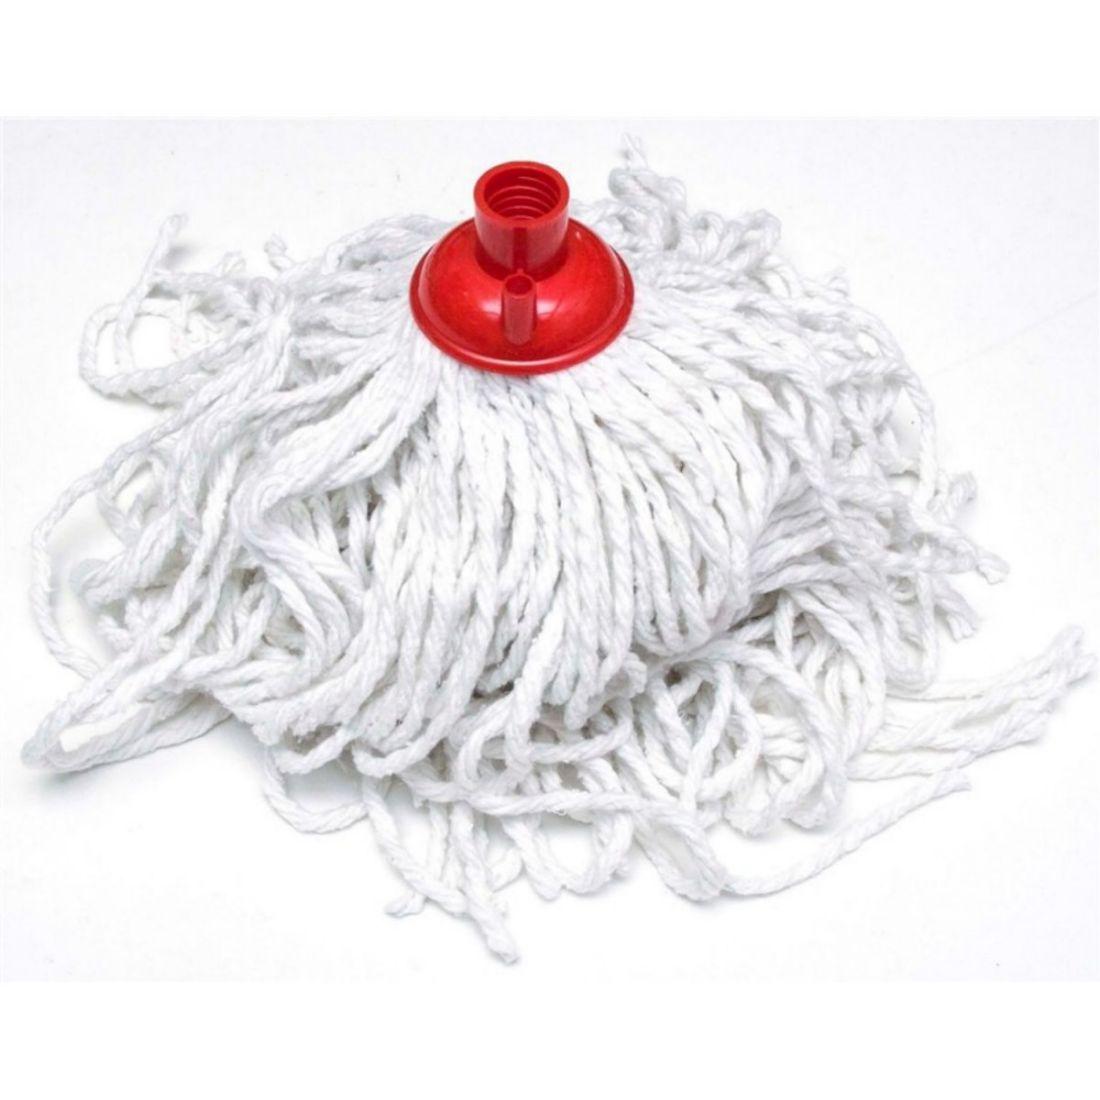 Mop provázkový bavlněný, 160 g